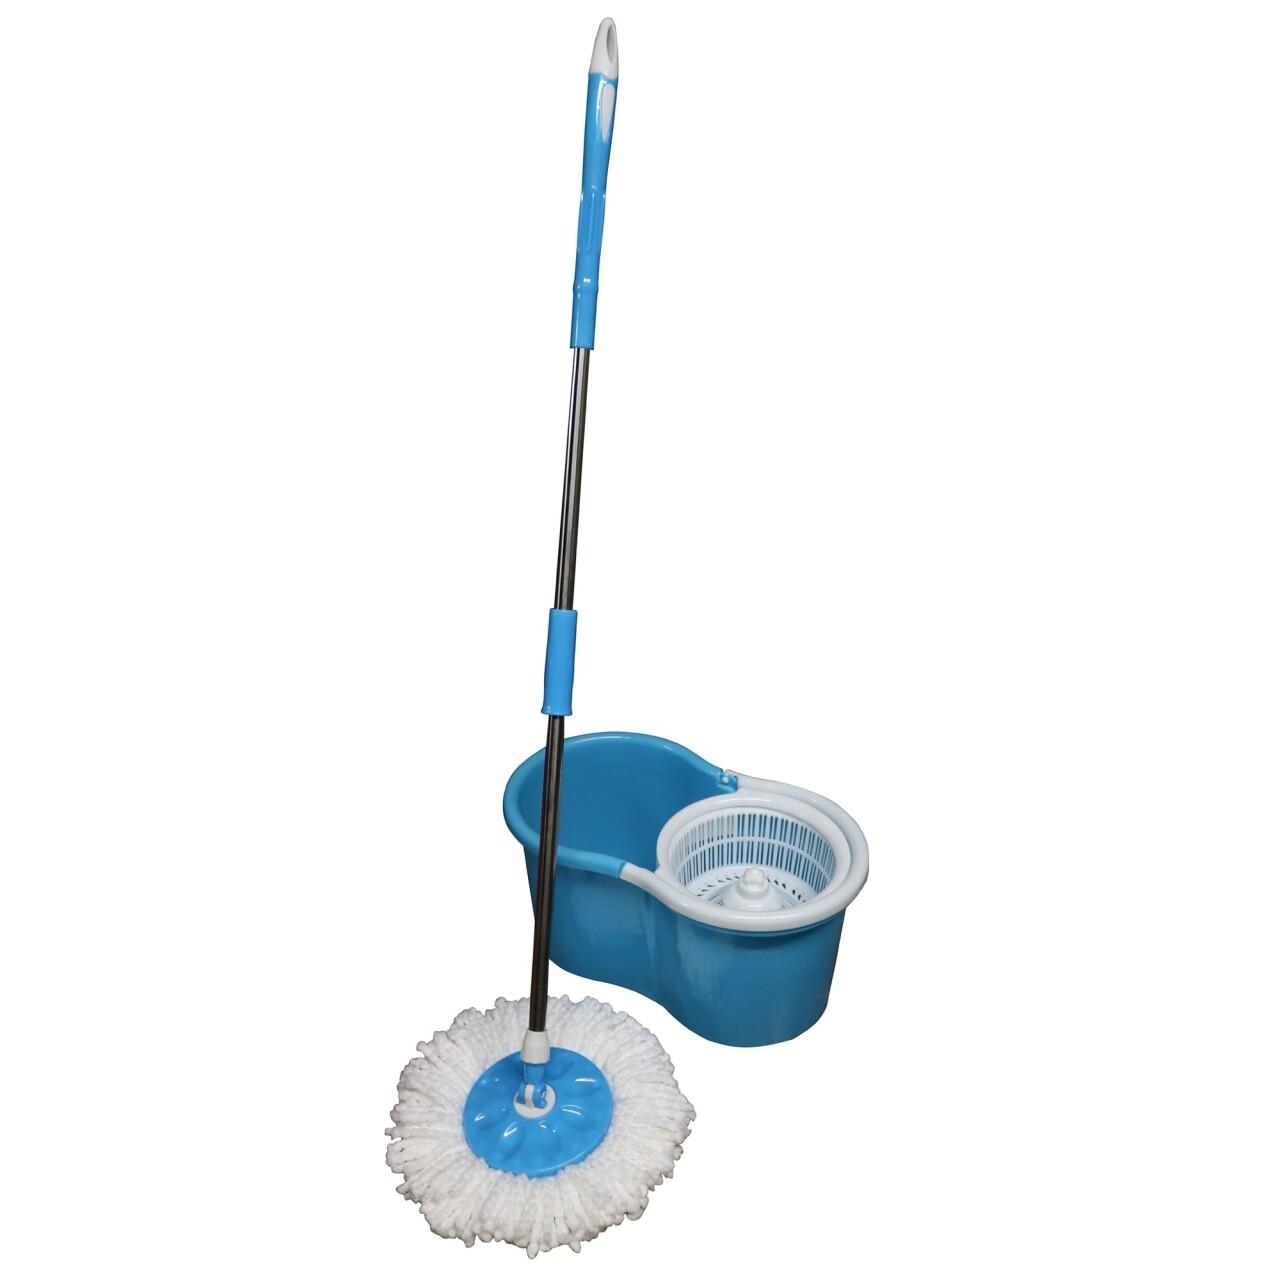 Galeata cu mop rotativ Primo Blue, Vanora, 12 L, alb/albastru